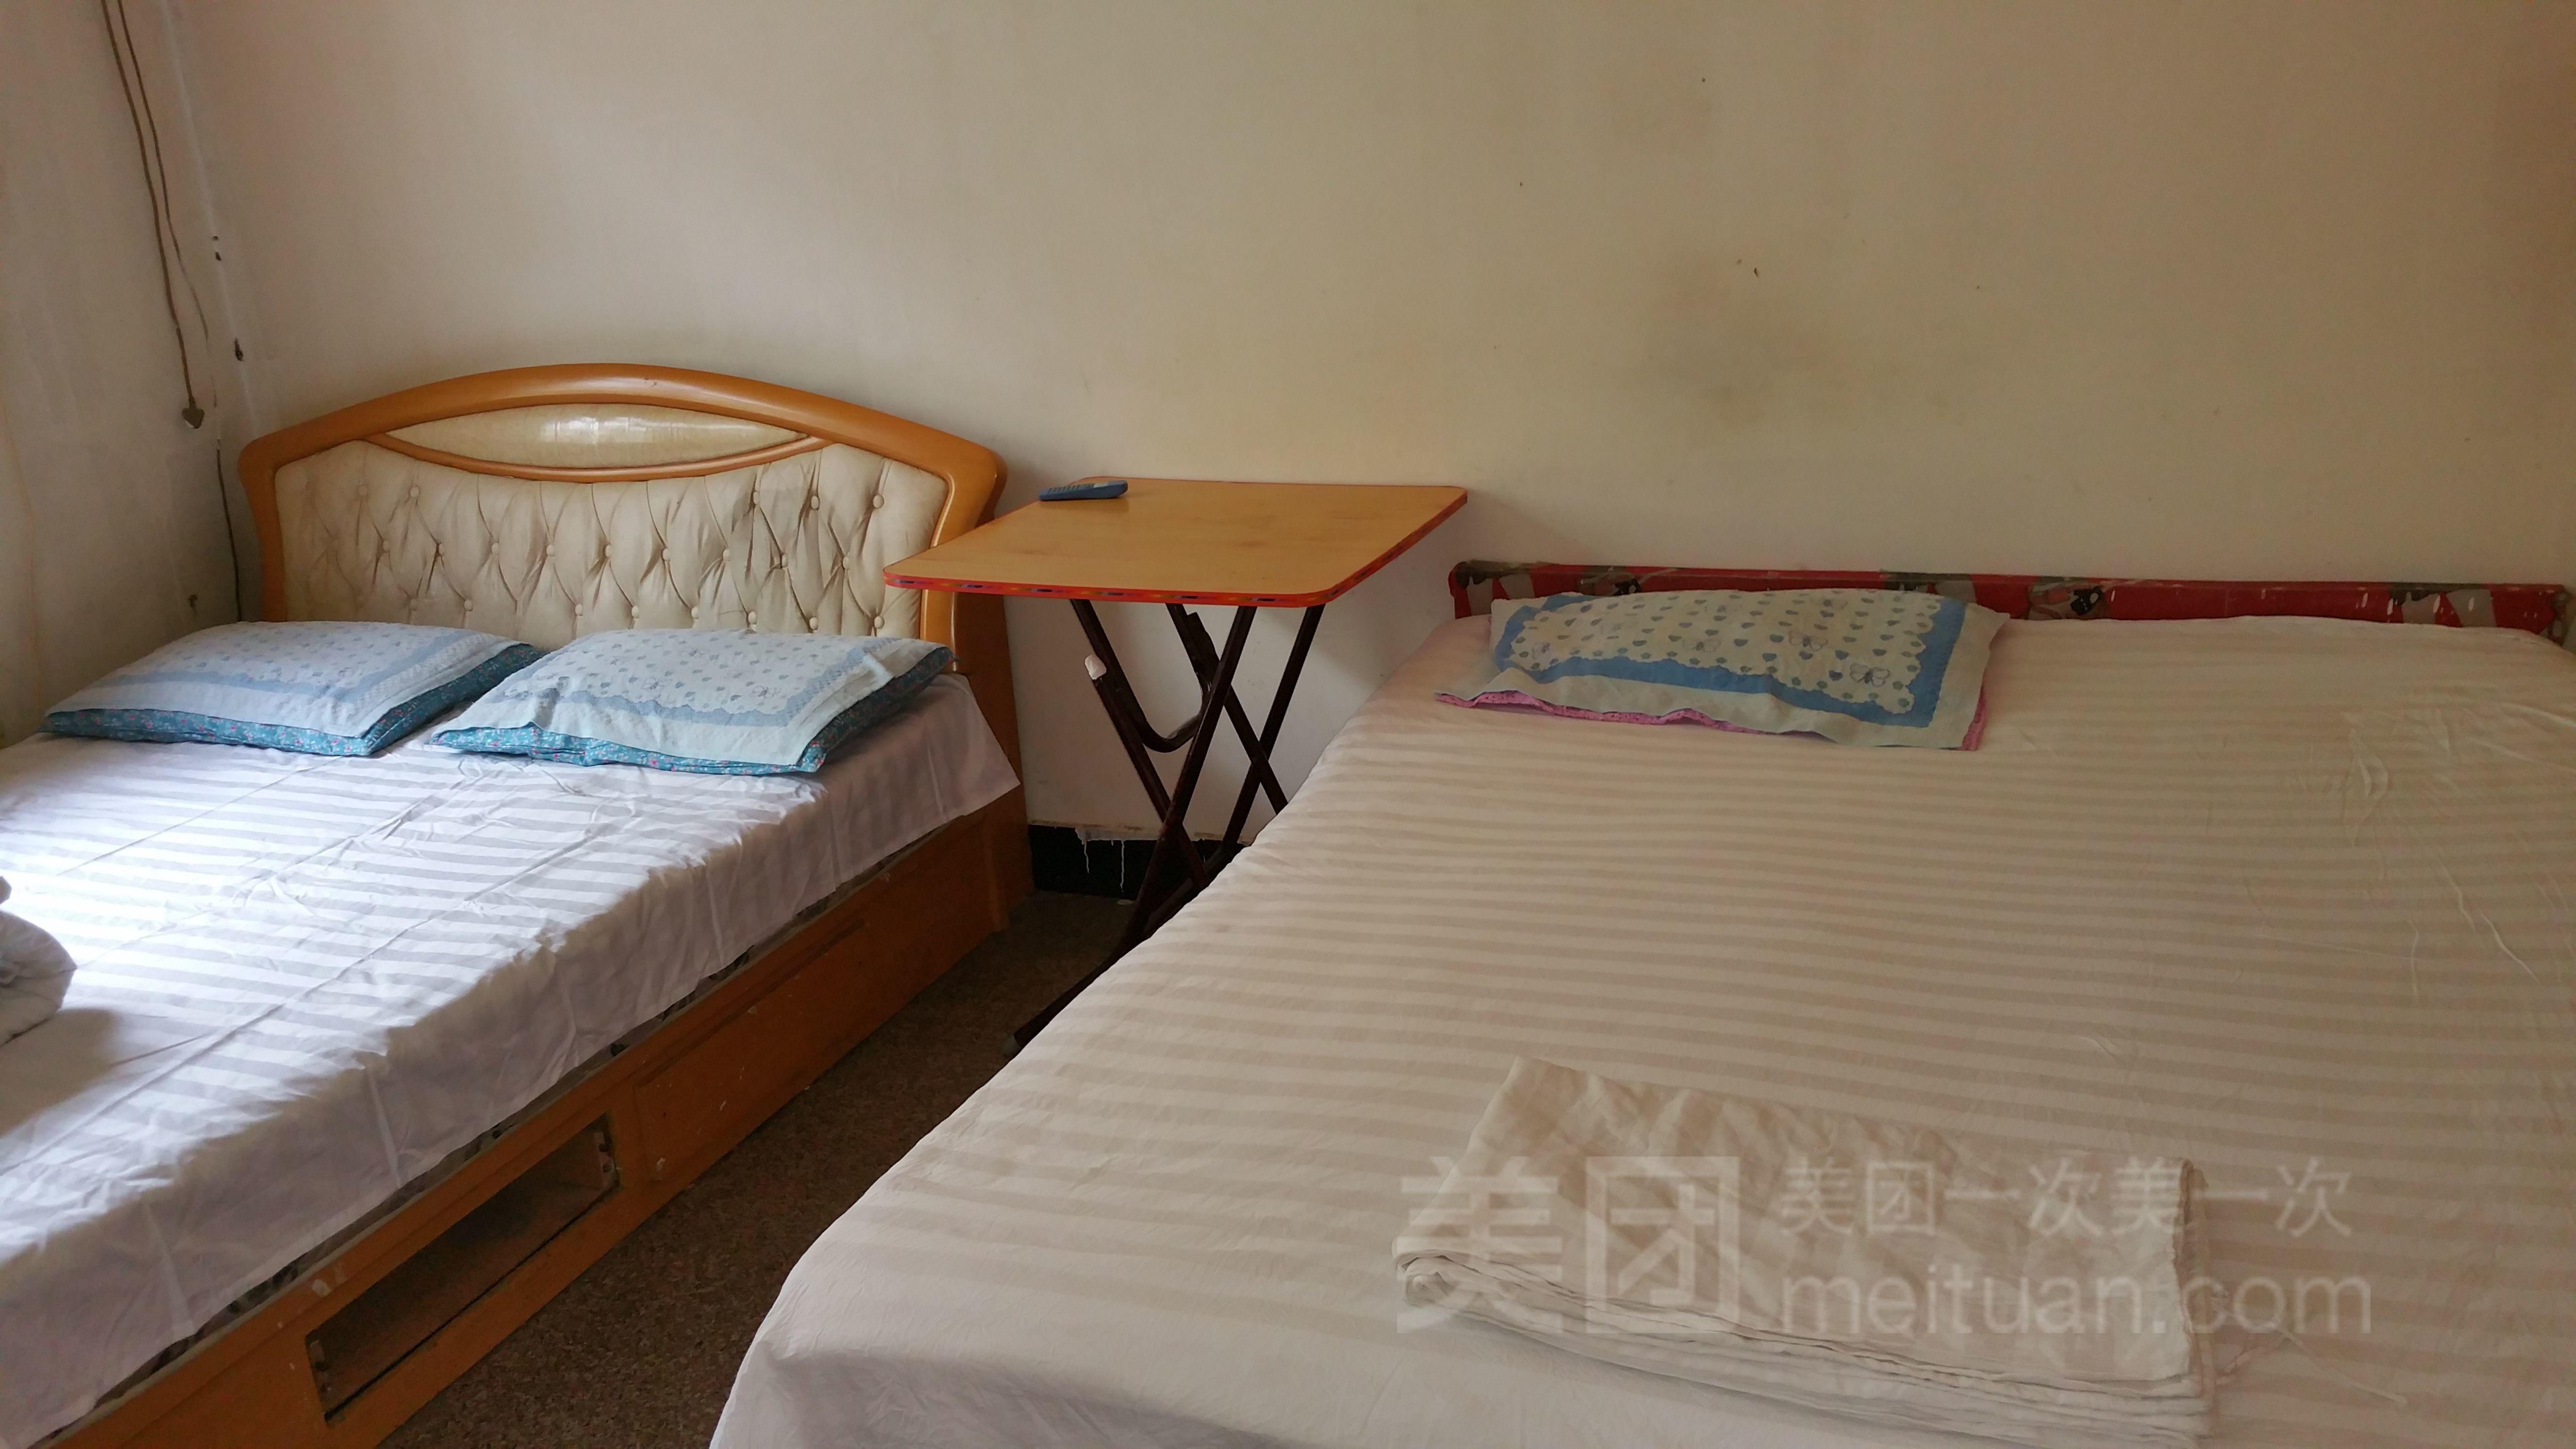 301安心家庭旅馆-美团